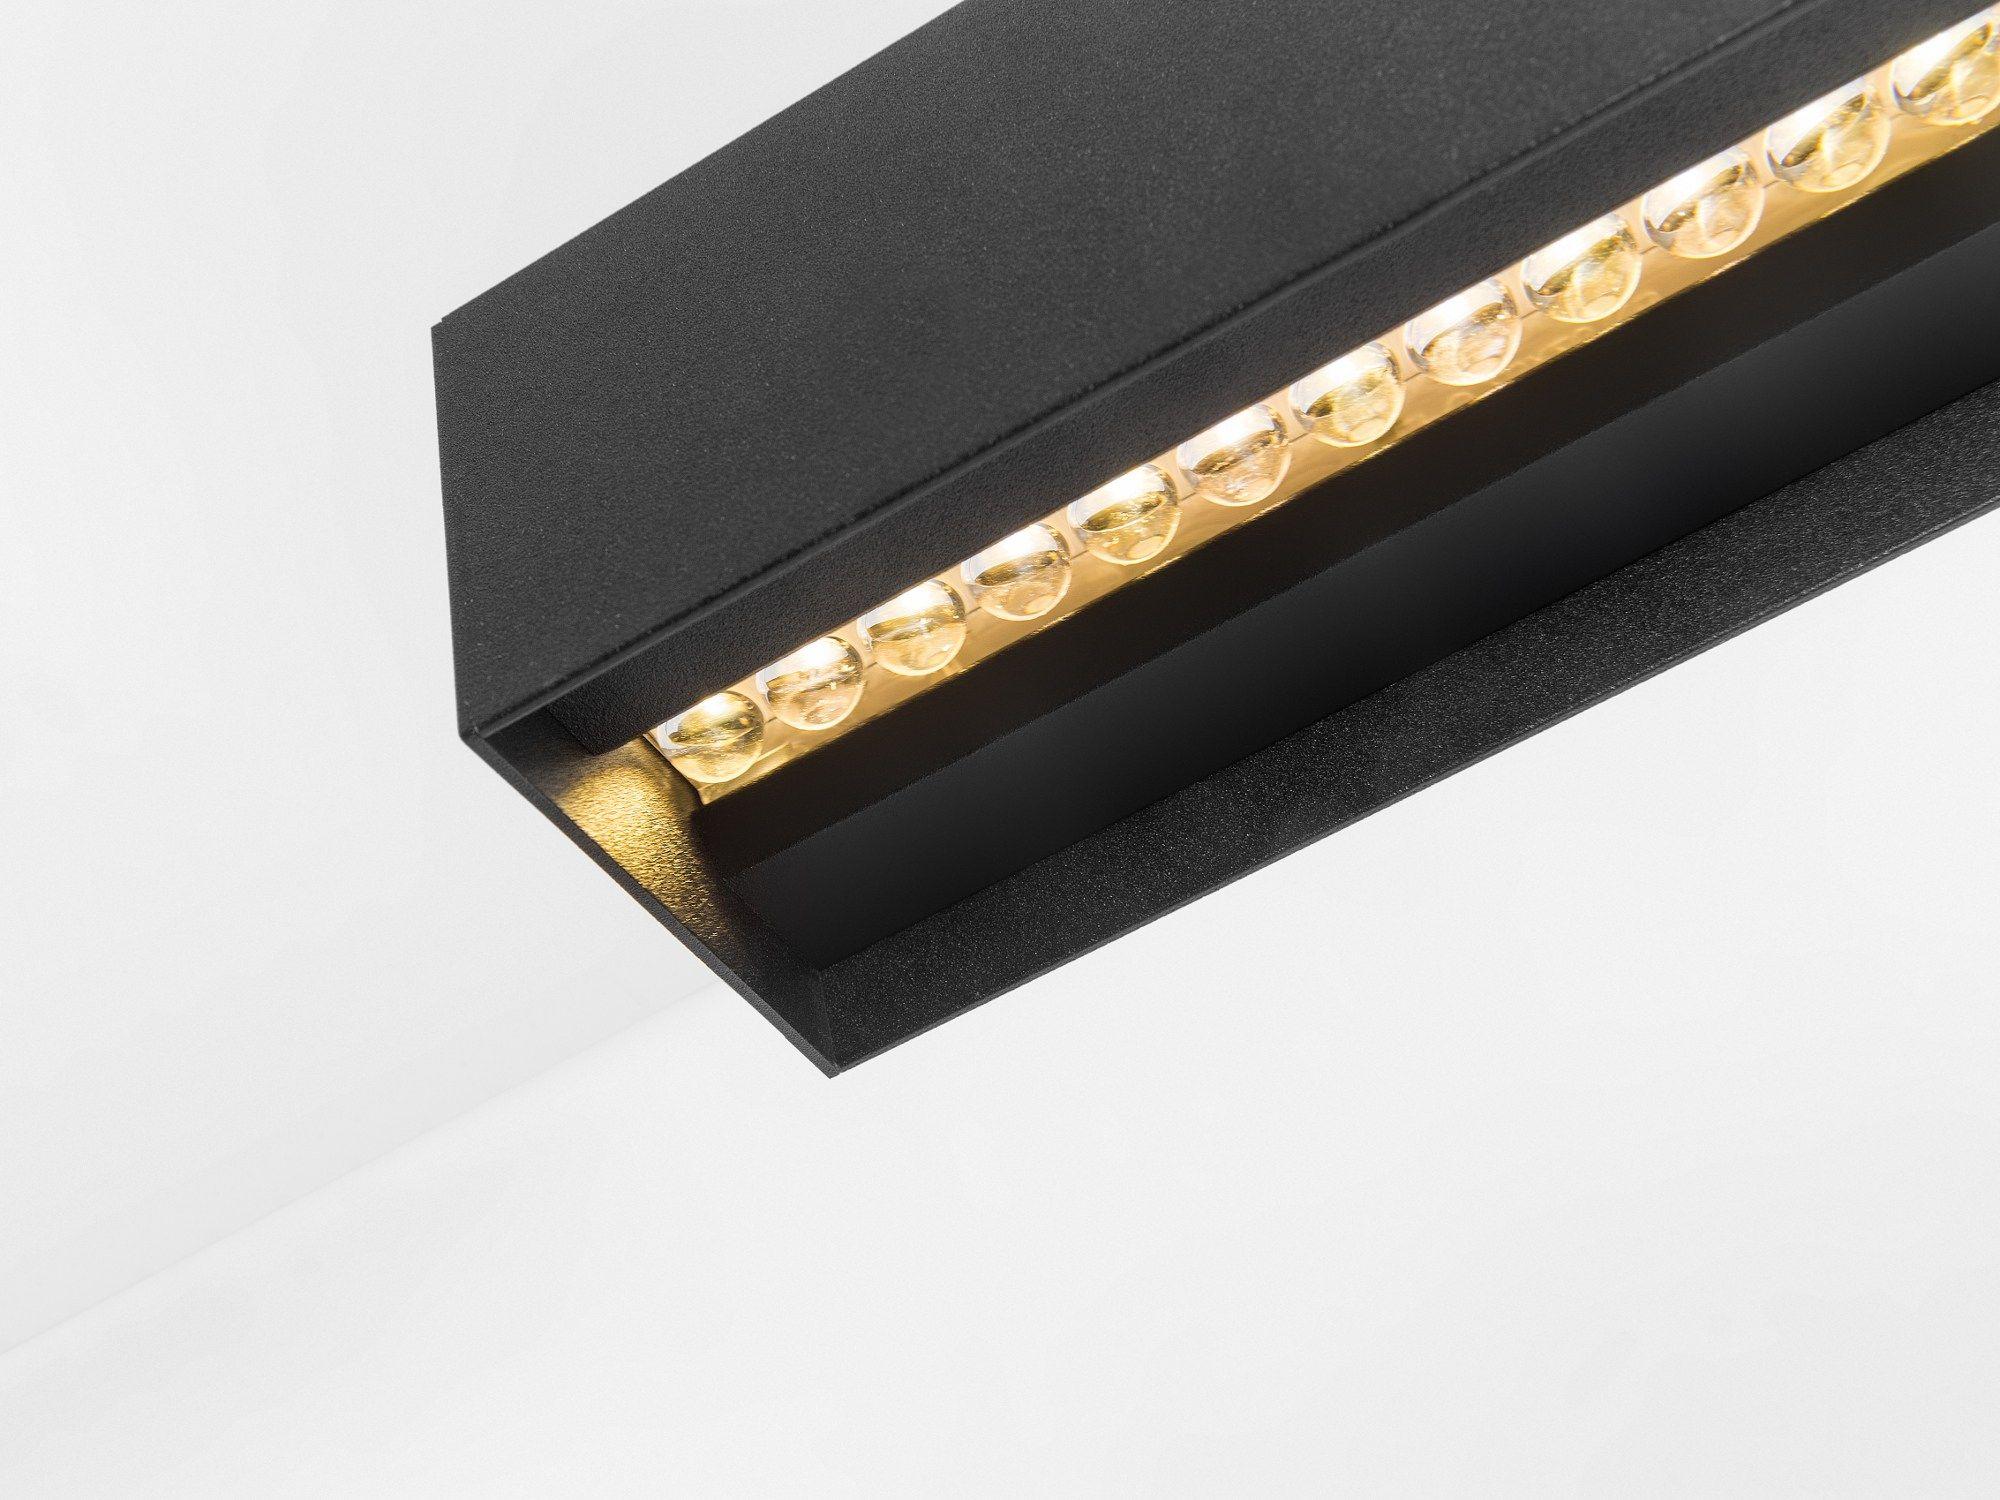 led ceiling lamp drupl70 collection by modular lighting. Black Bedroom Furniture Sets. Home Design Ideas